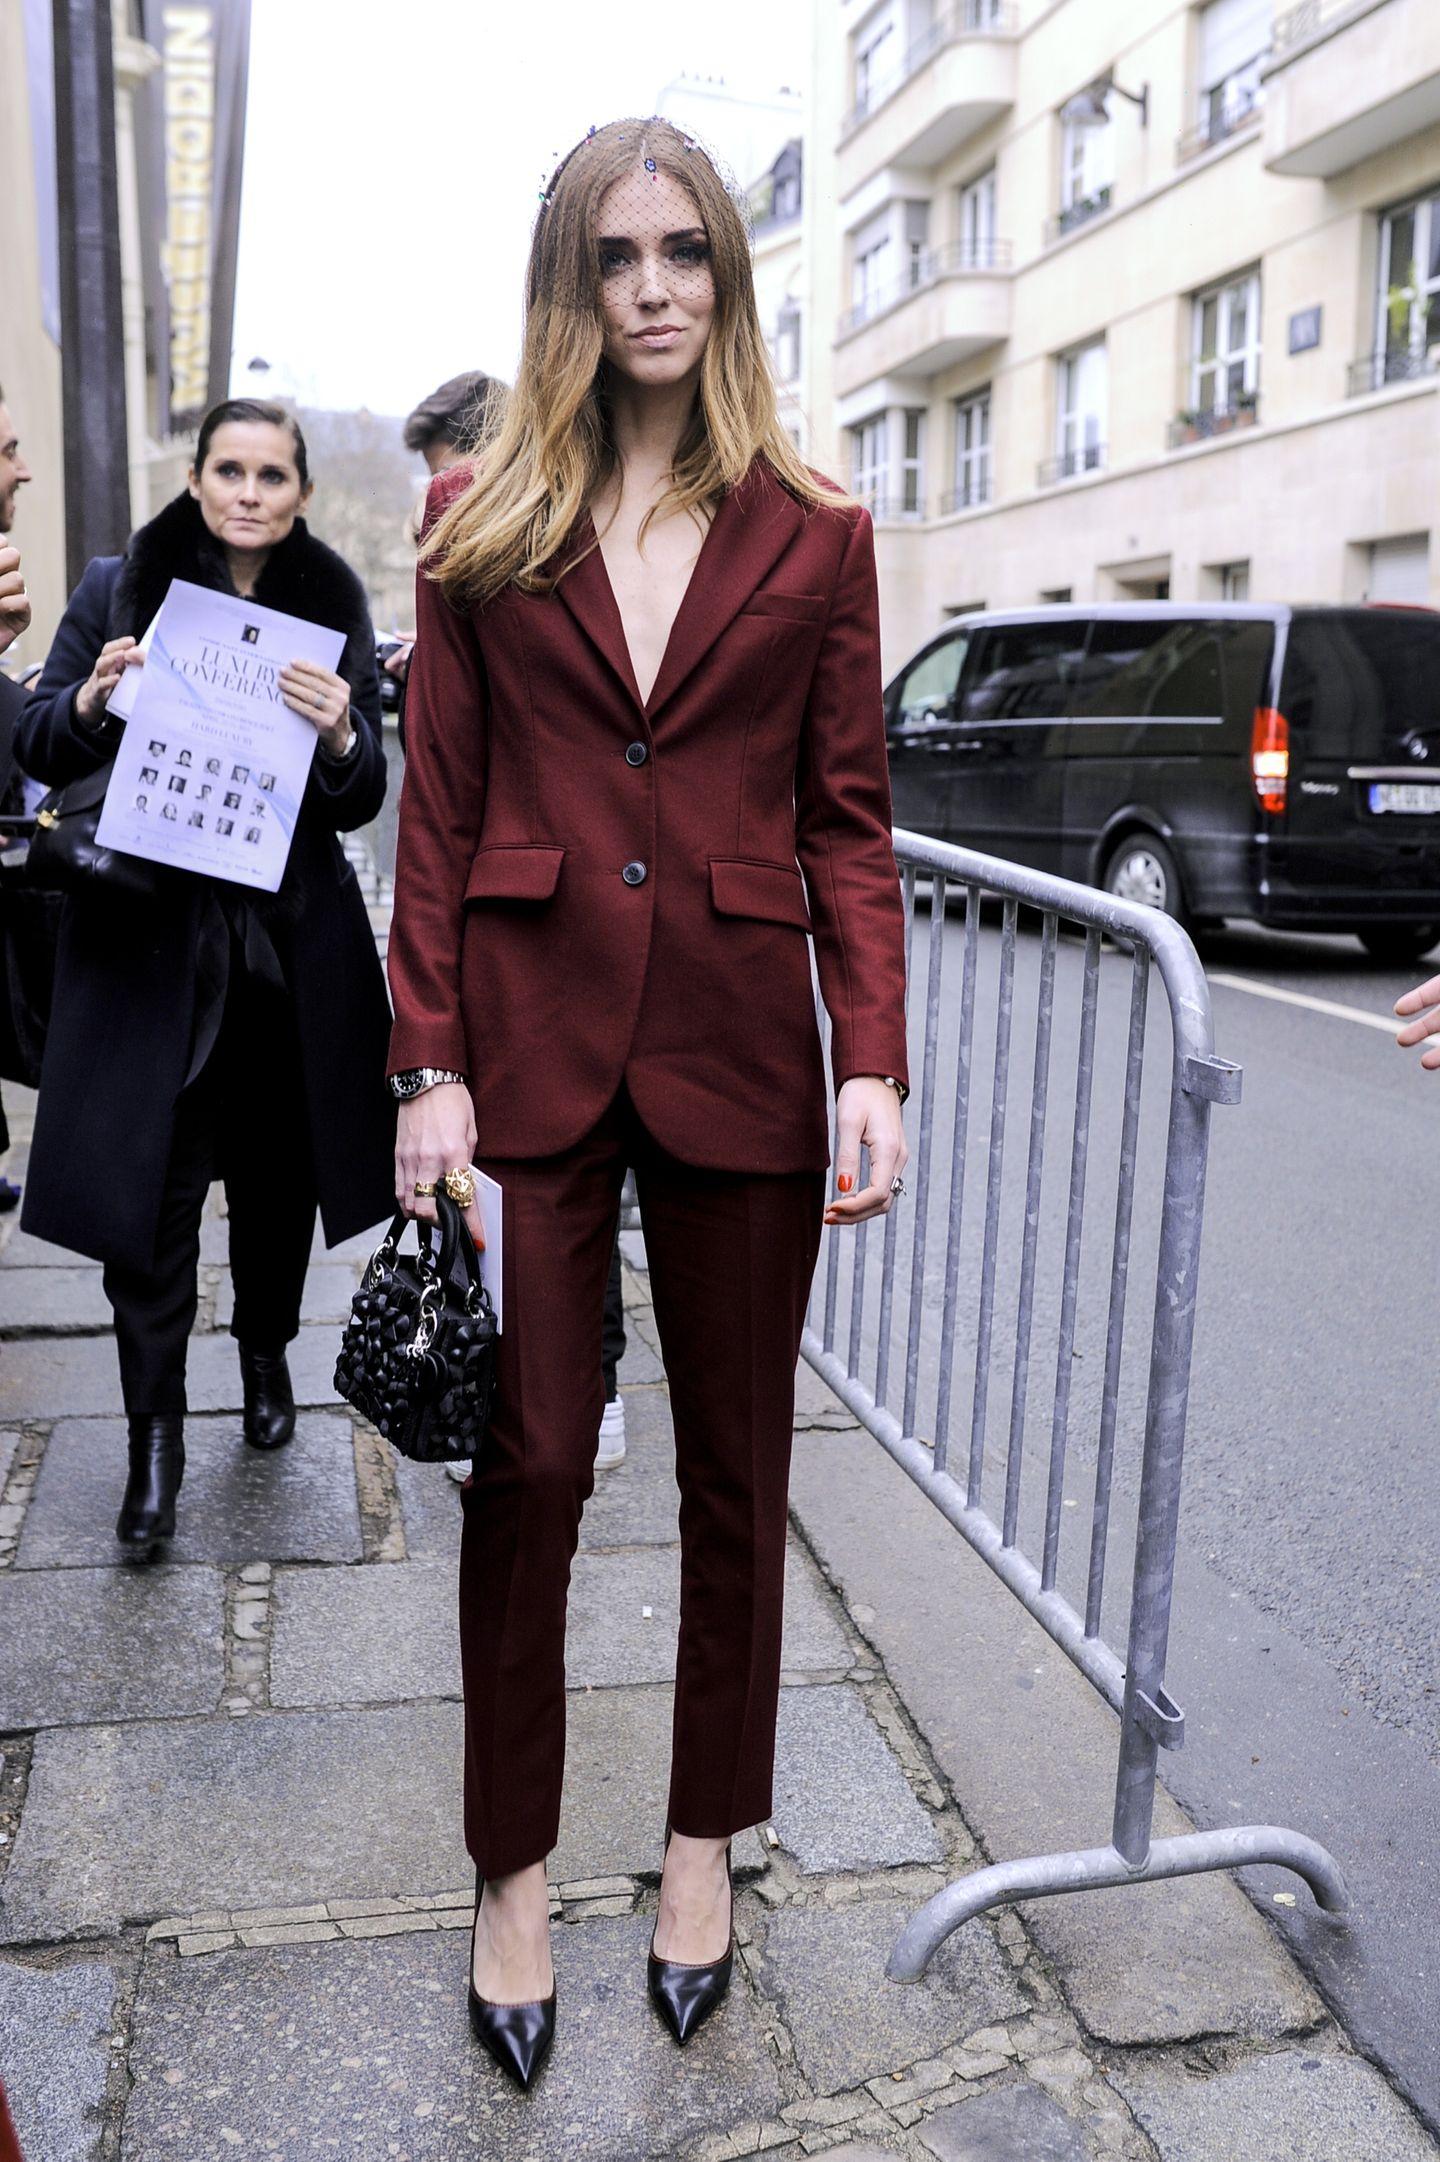 Ob bunt oder schlicht: Zweiteiler sind für Frau ein Muss! Chiara Ferragni trägt ihn ohne Shirt unter dem Blazer und das sieht unheimlich lässig und sexy aus.